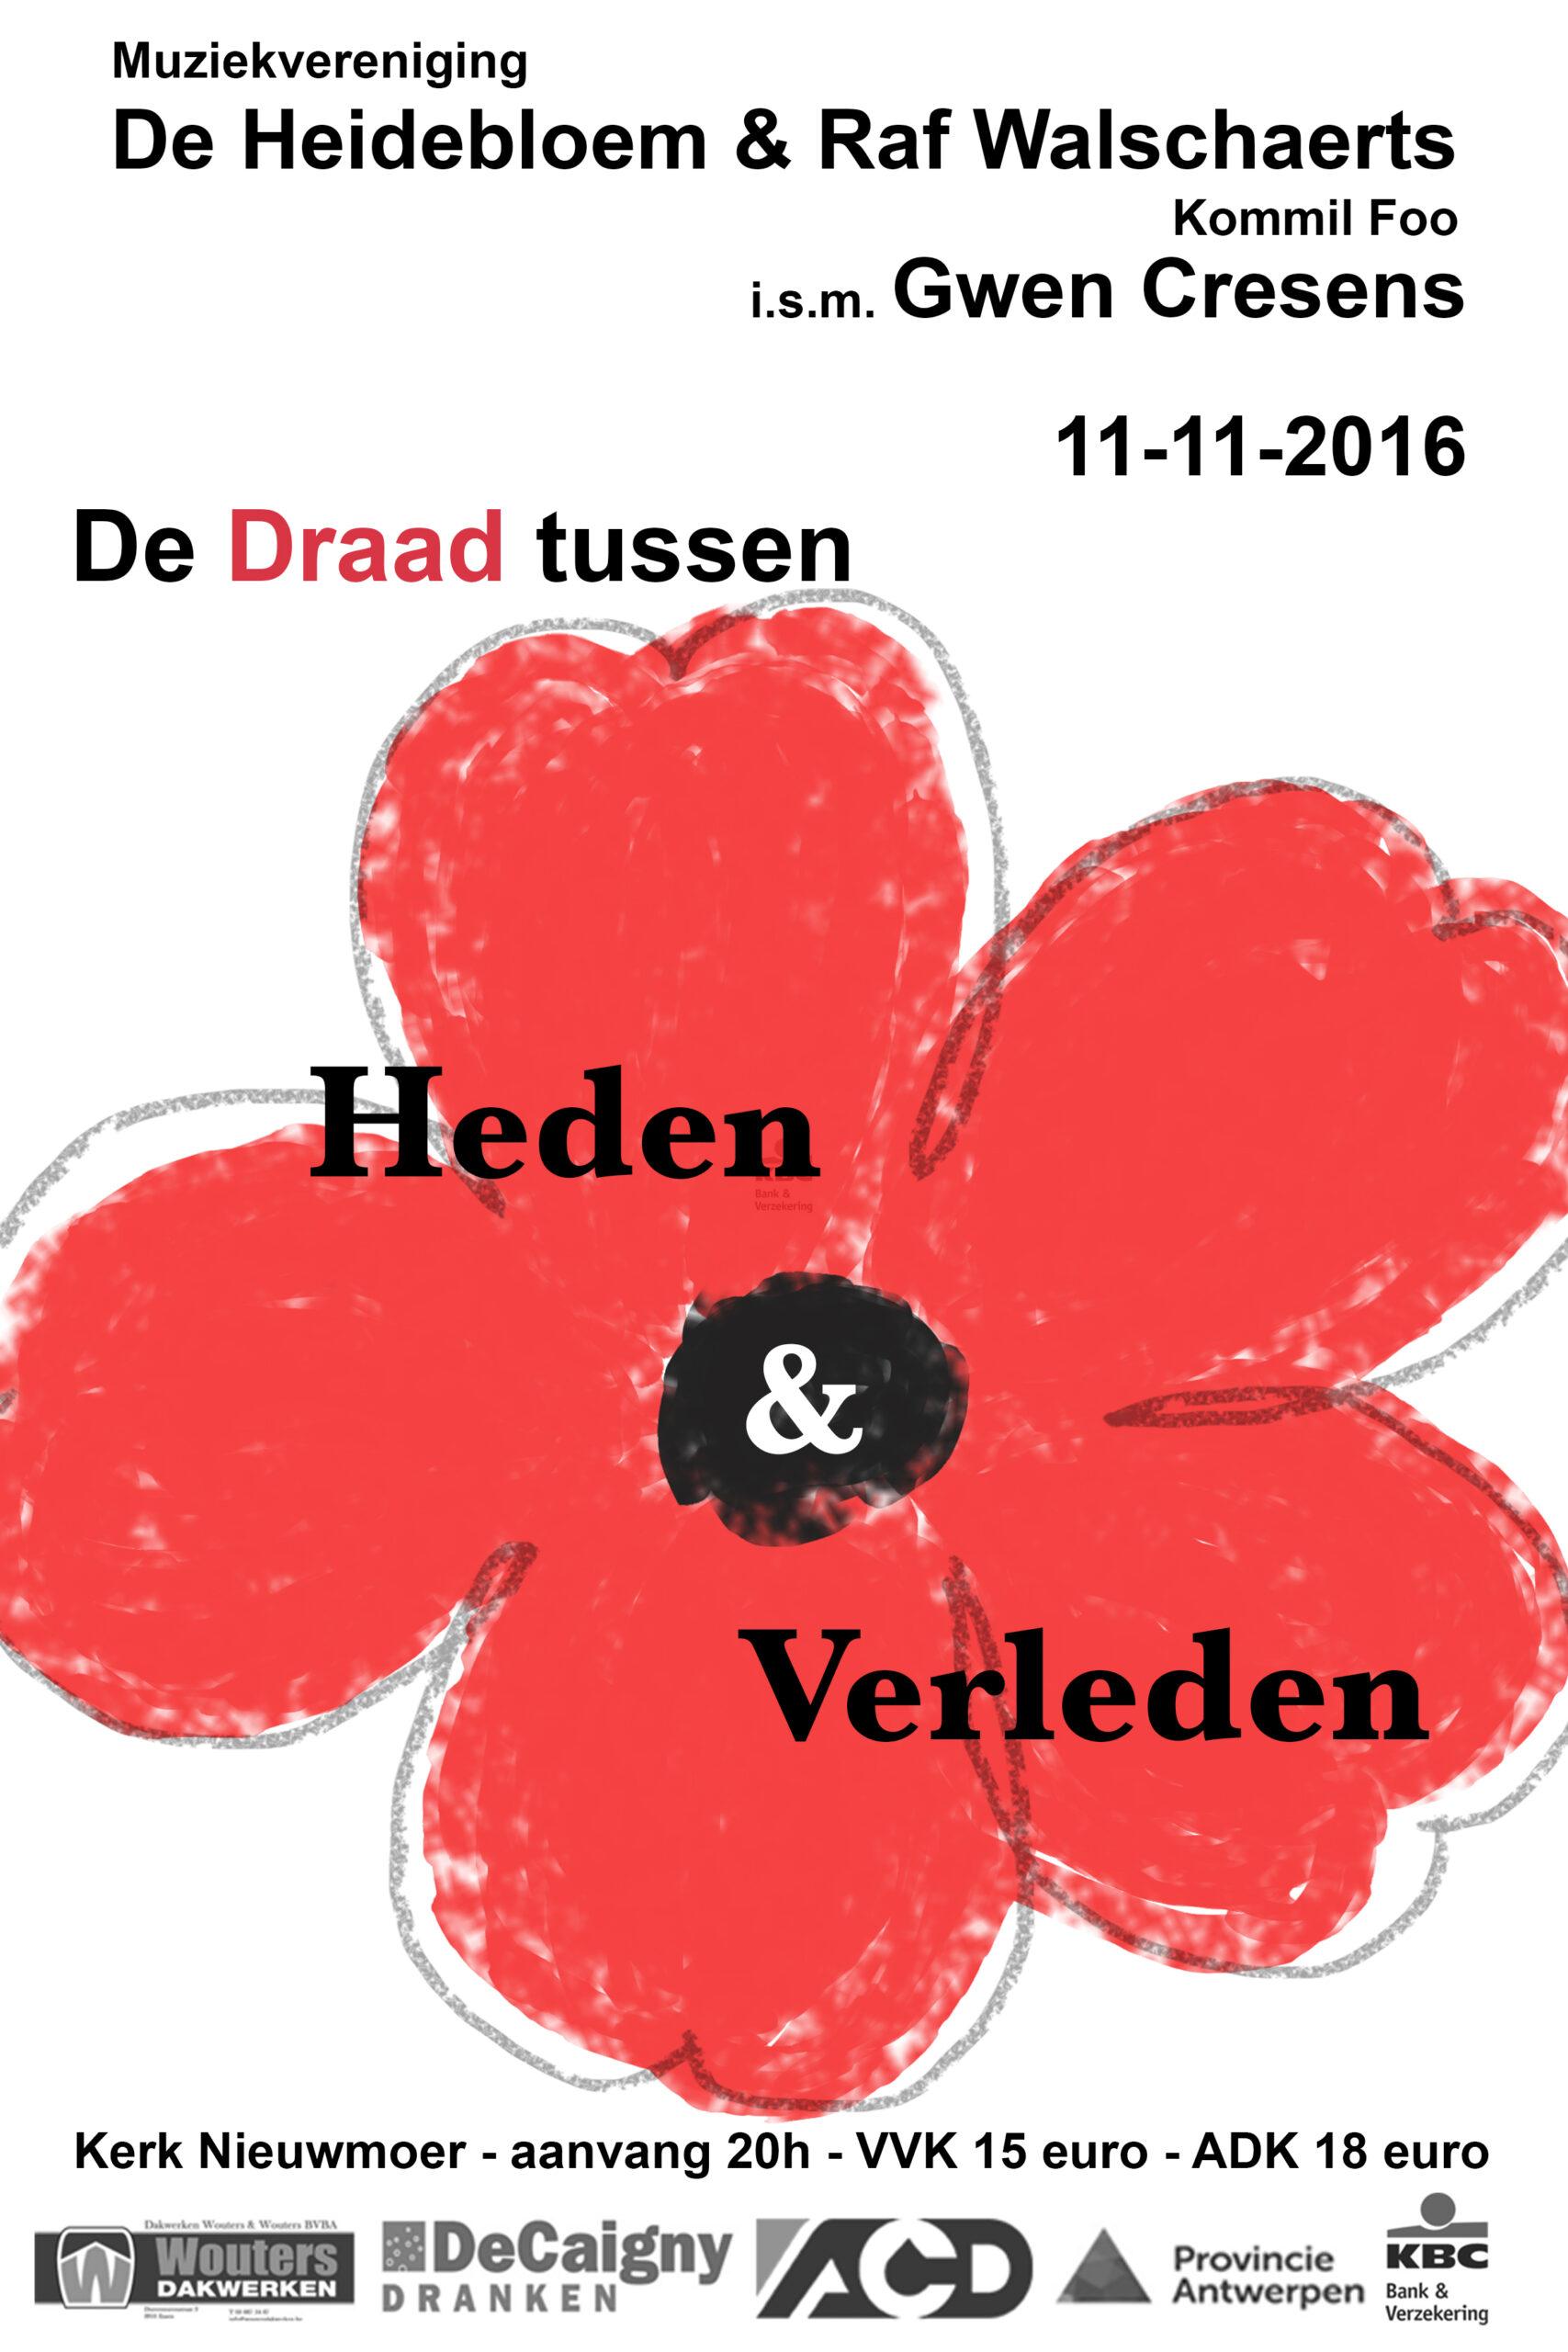 2016 - De Draad tussen Heden en Verleden